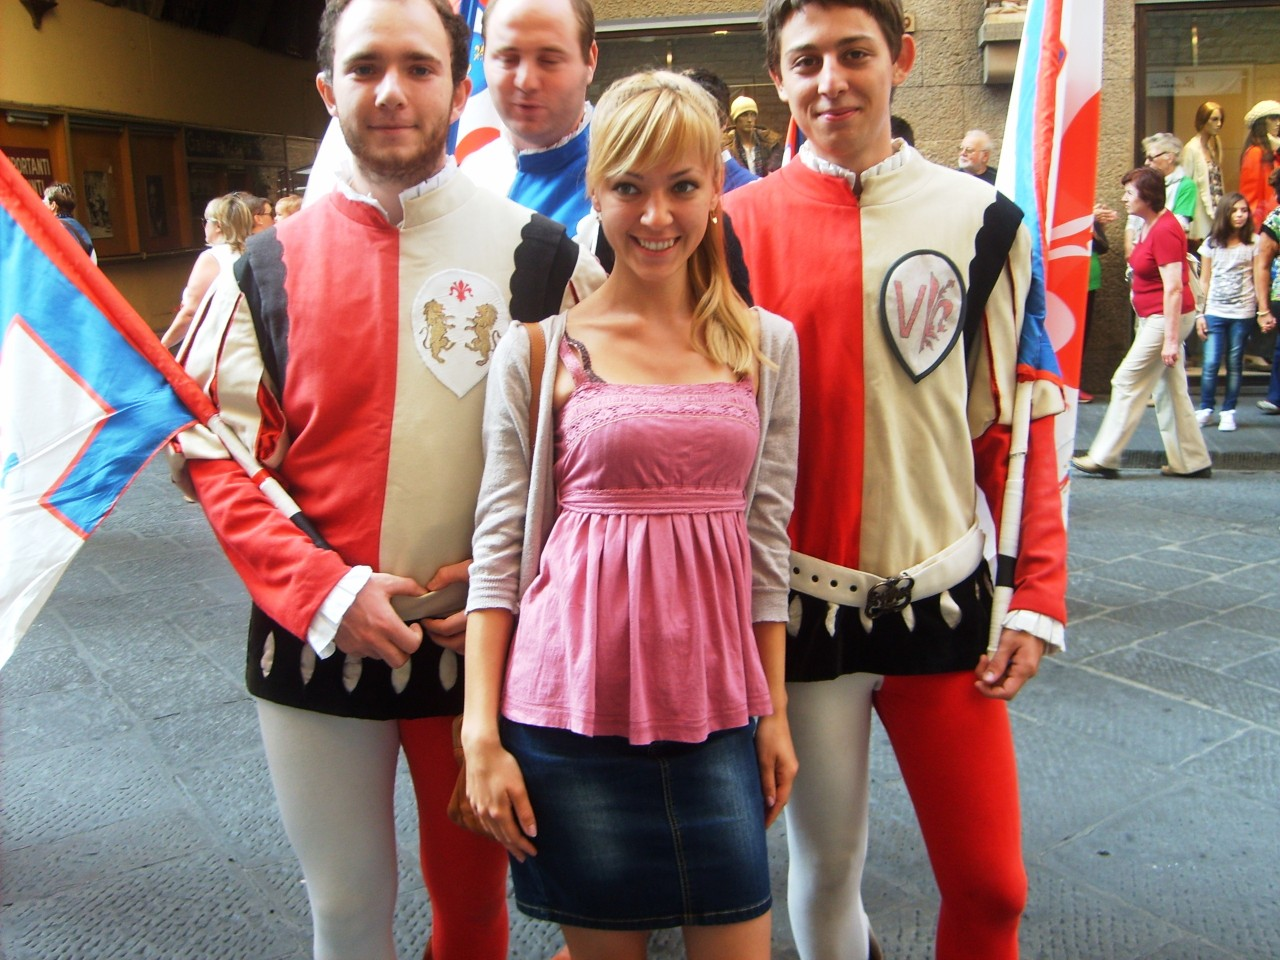 Anna Bondareva con los sbandieratori, los Abanderados Ciudad de Florencia que visten unos trajes medievales de colores rojos y blancos.